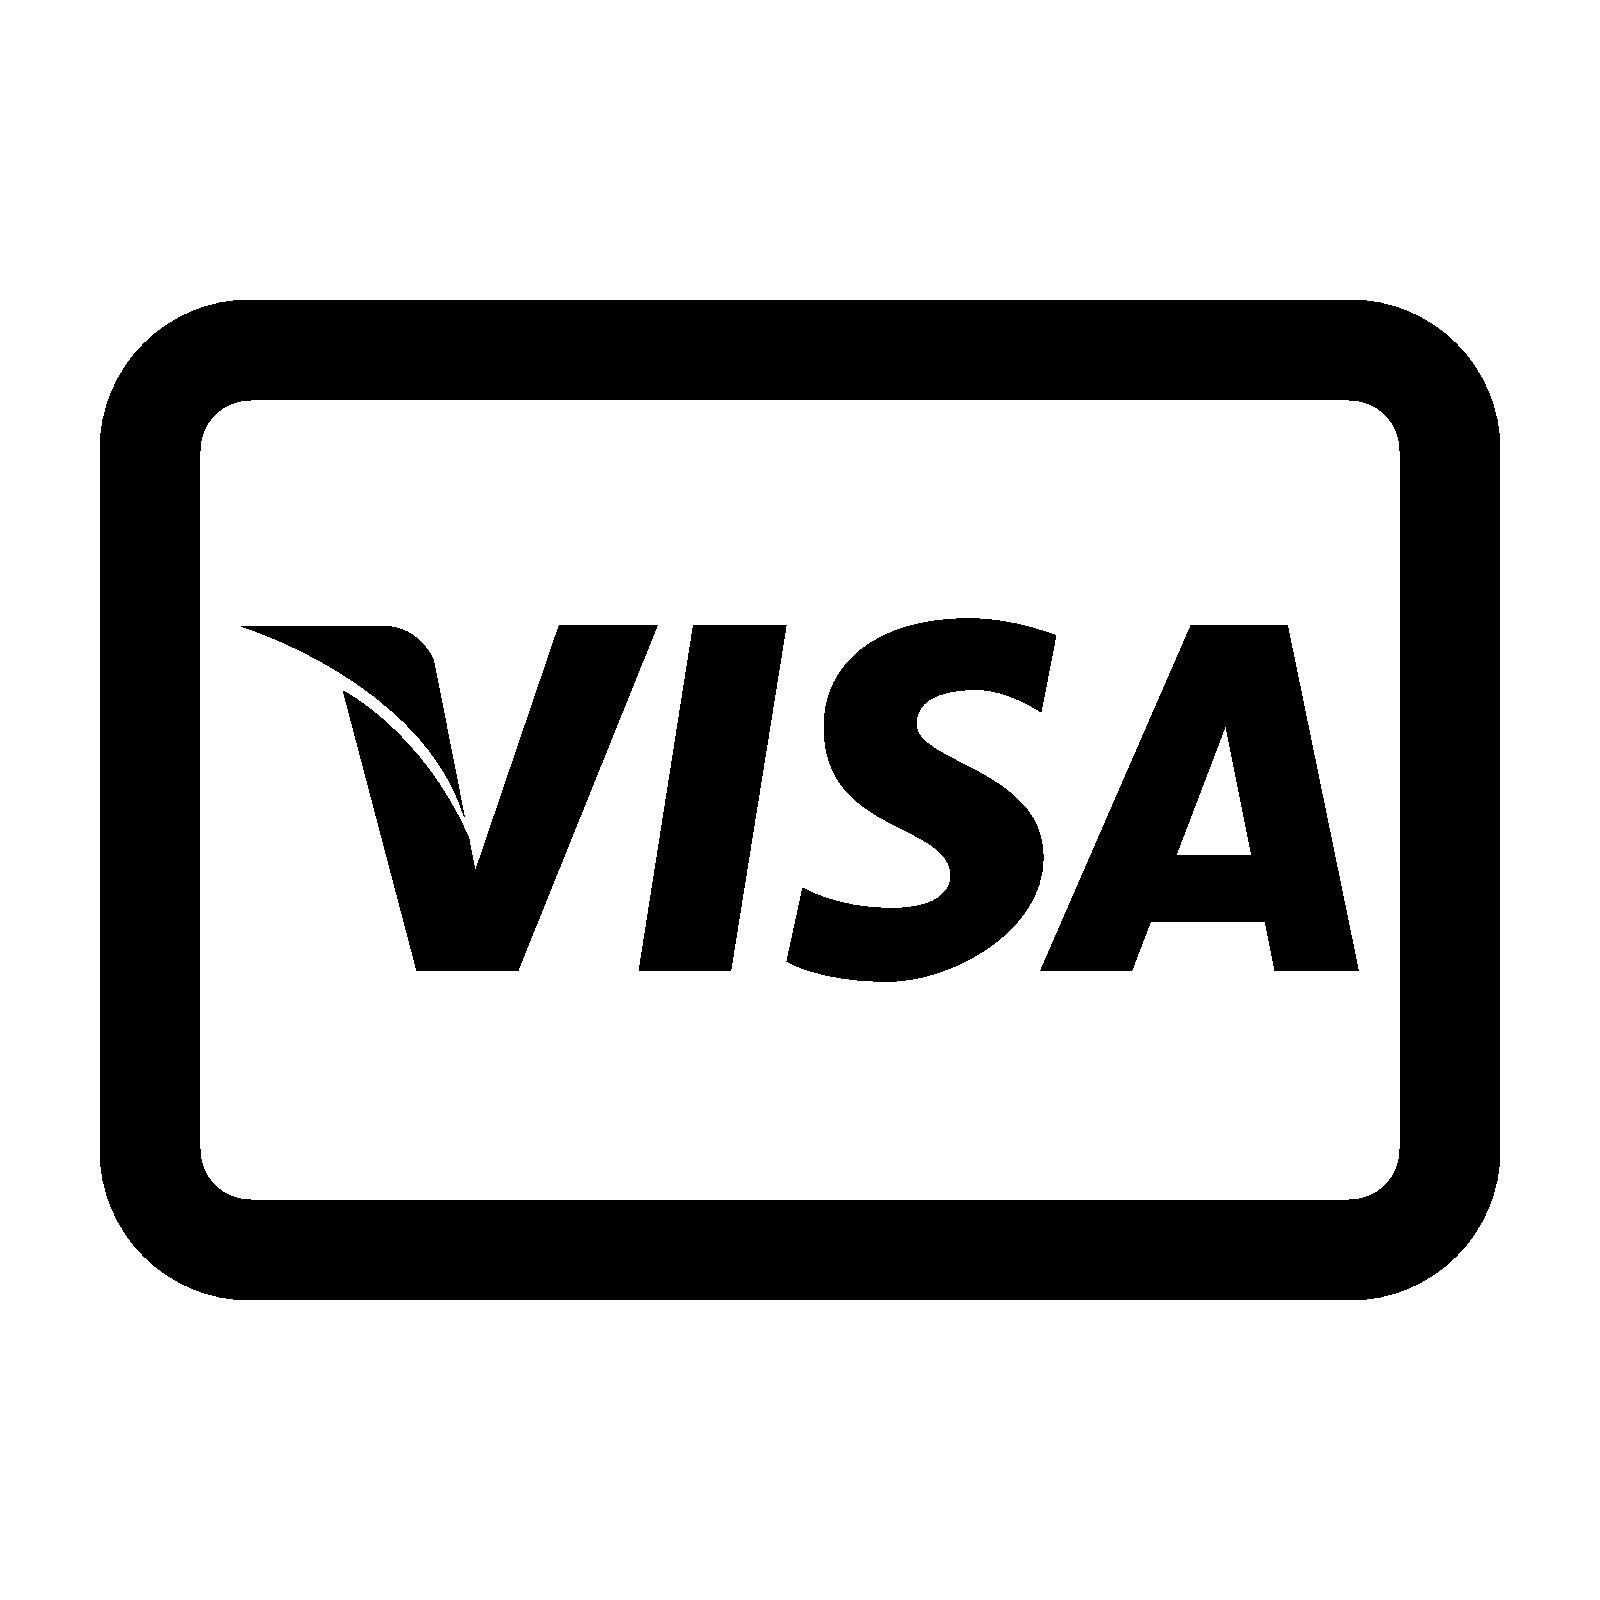 PNG Visa - 56097